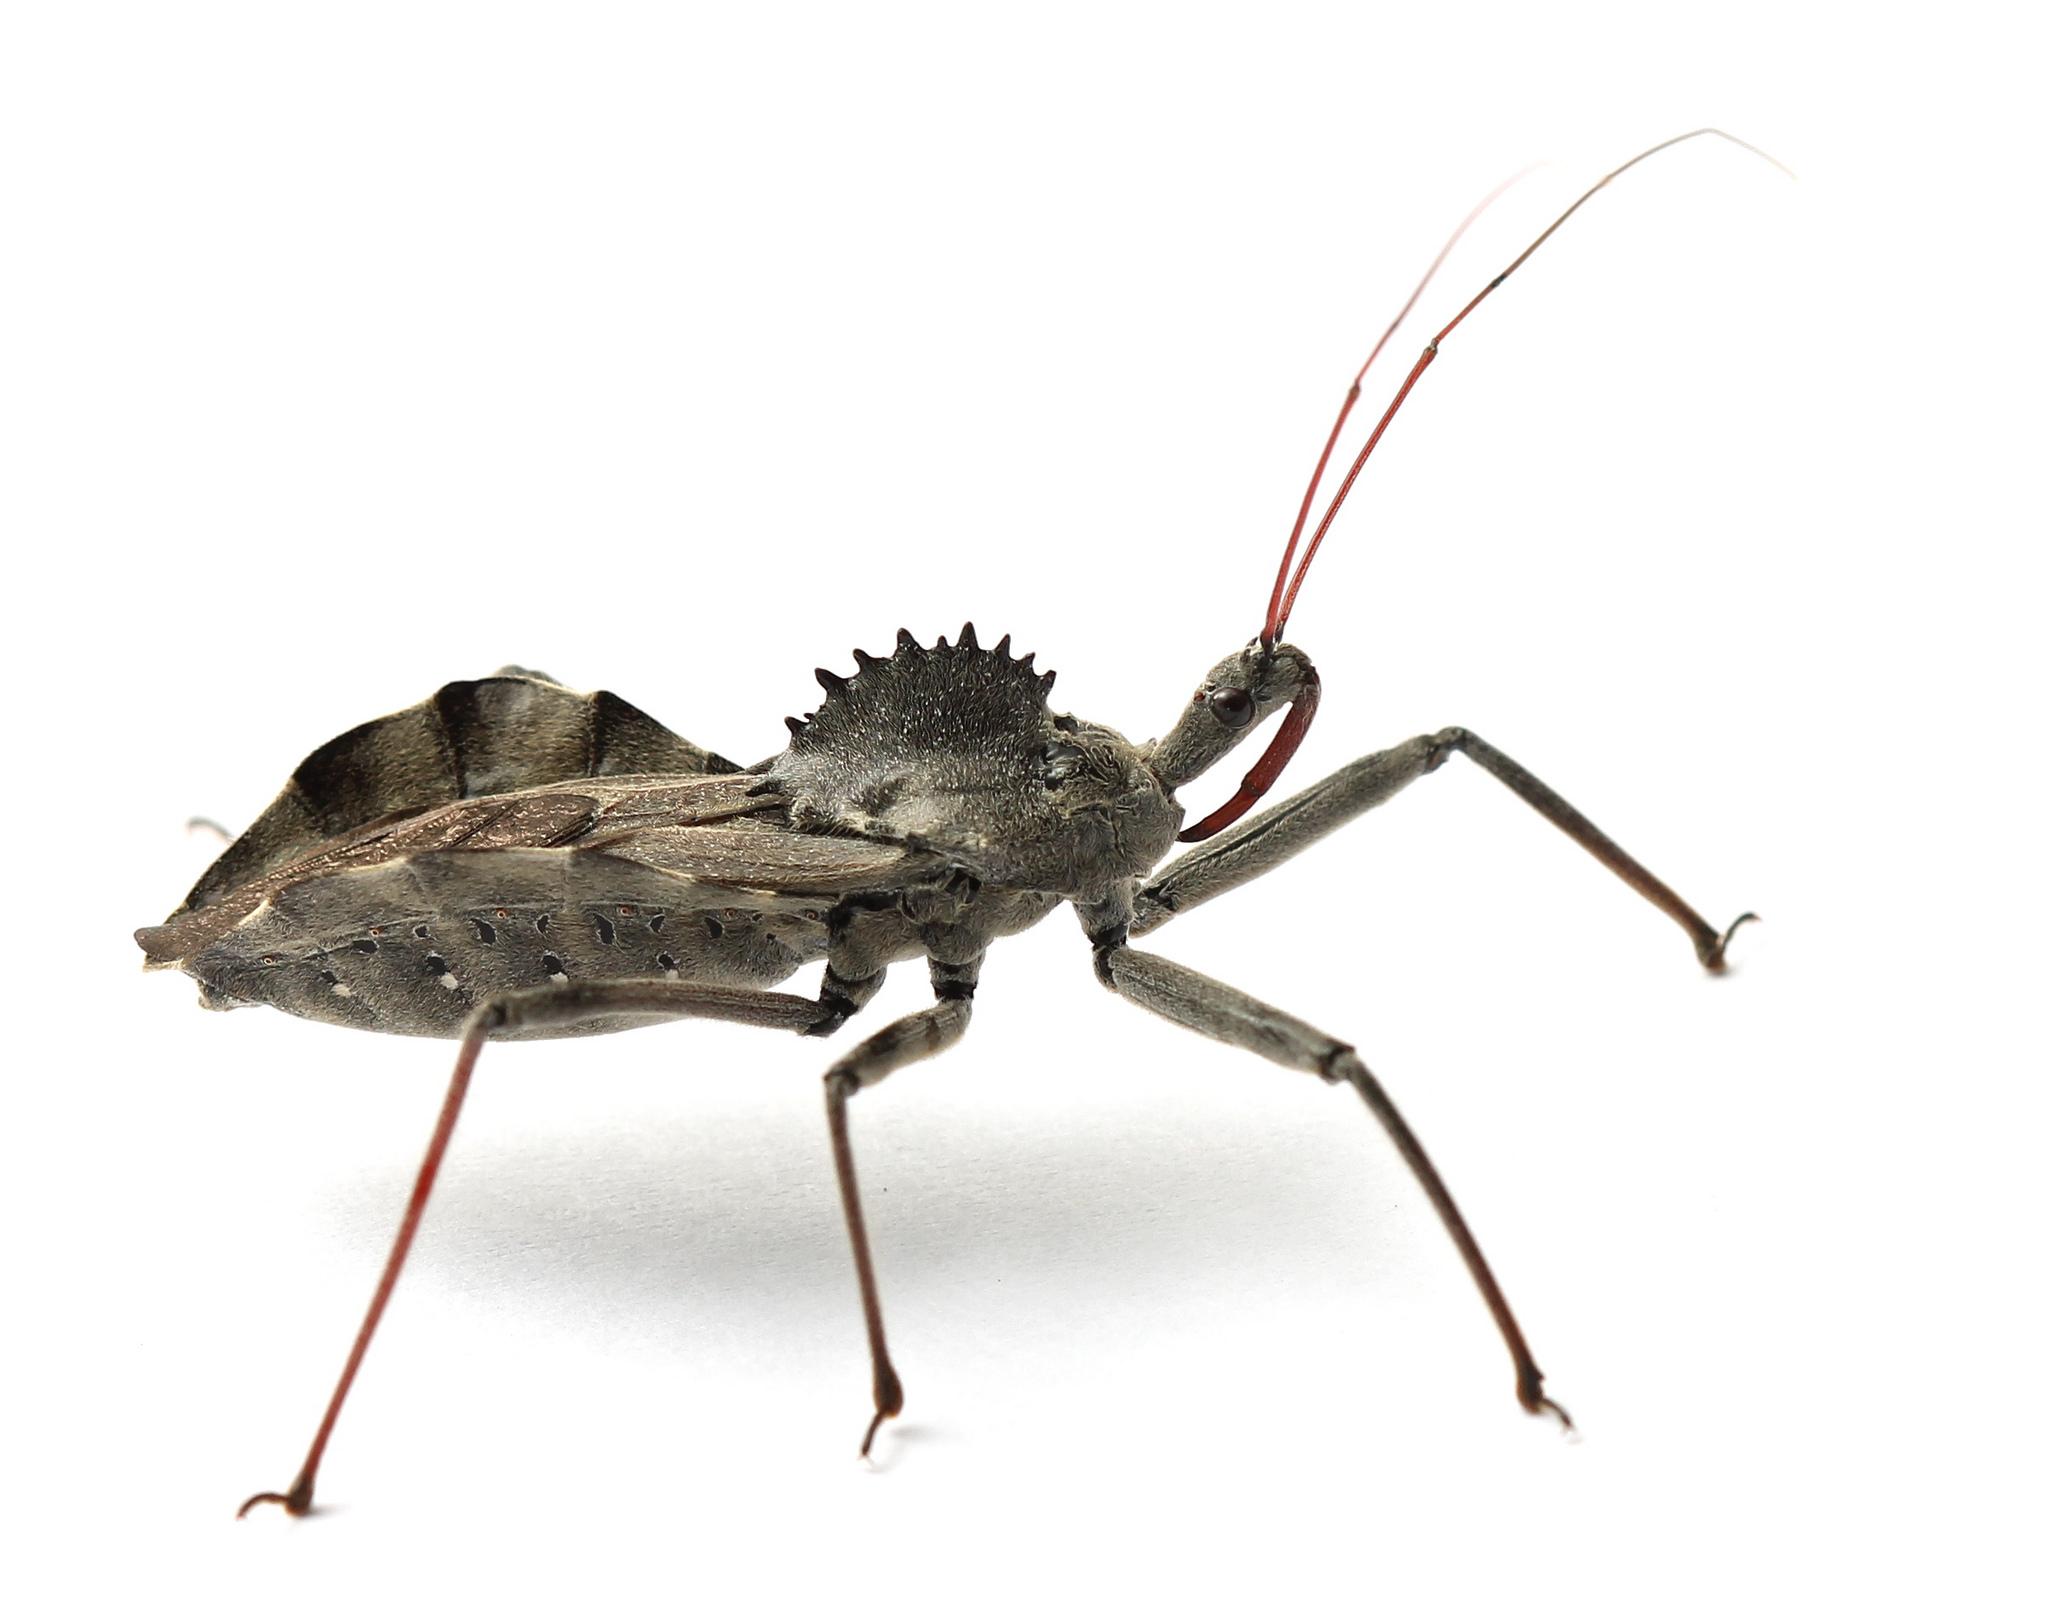 Maryland Biodiversity Project - Wheel Bug (Arilus cristatus)